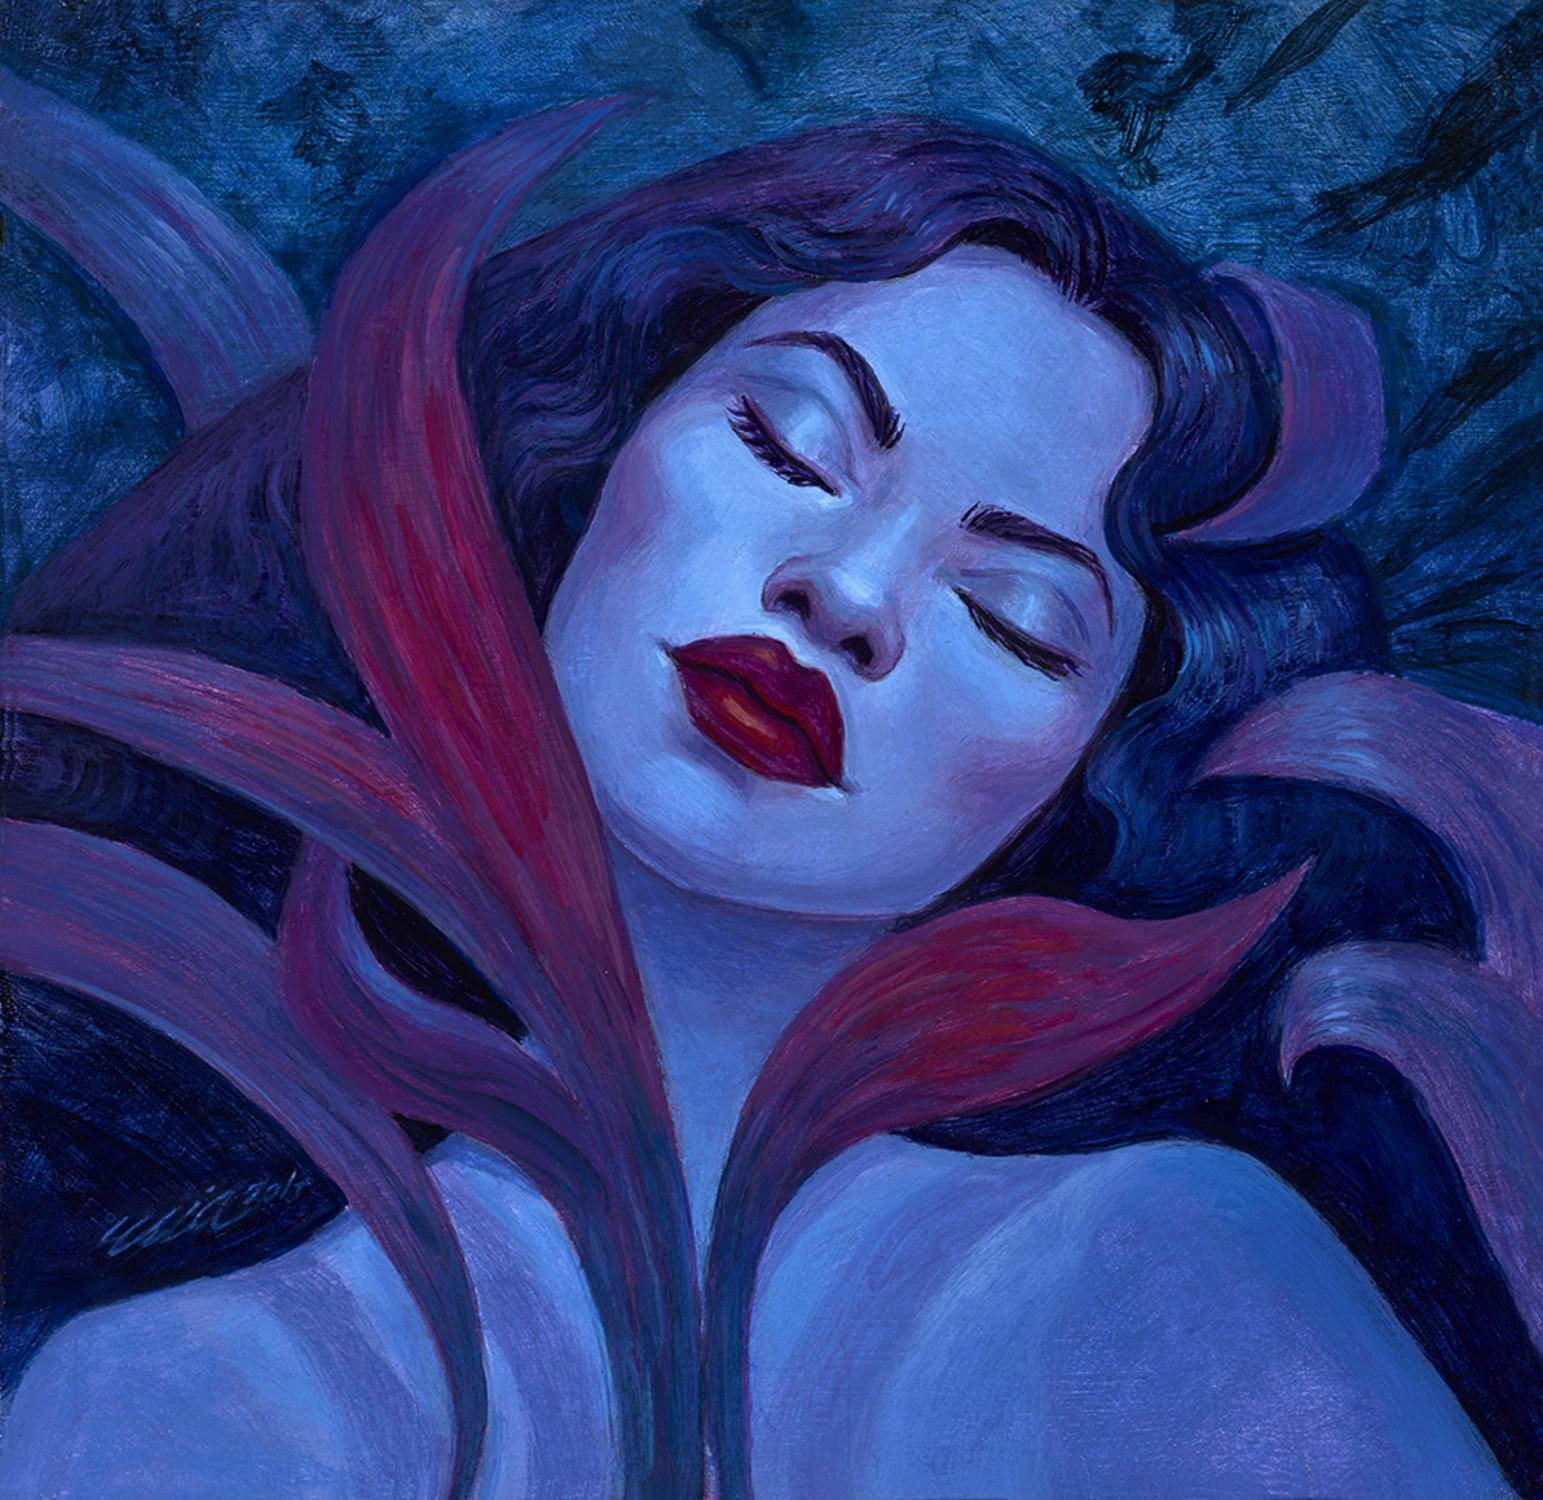 December Dreams Artwork by Mia Araujo